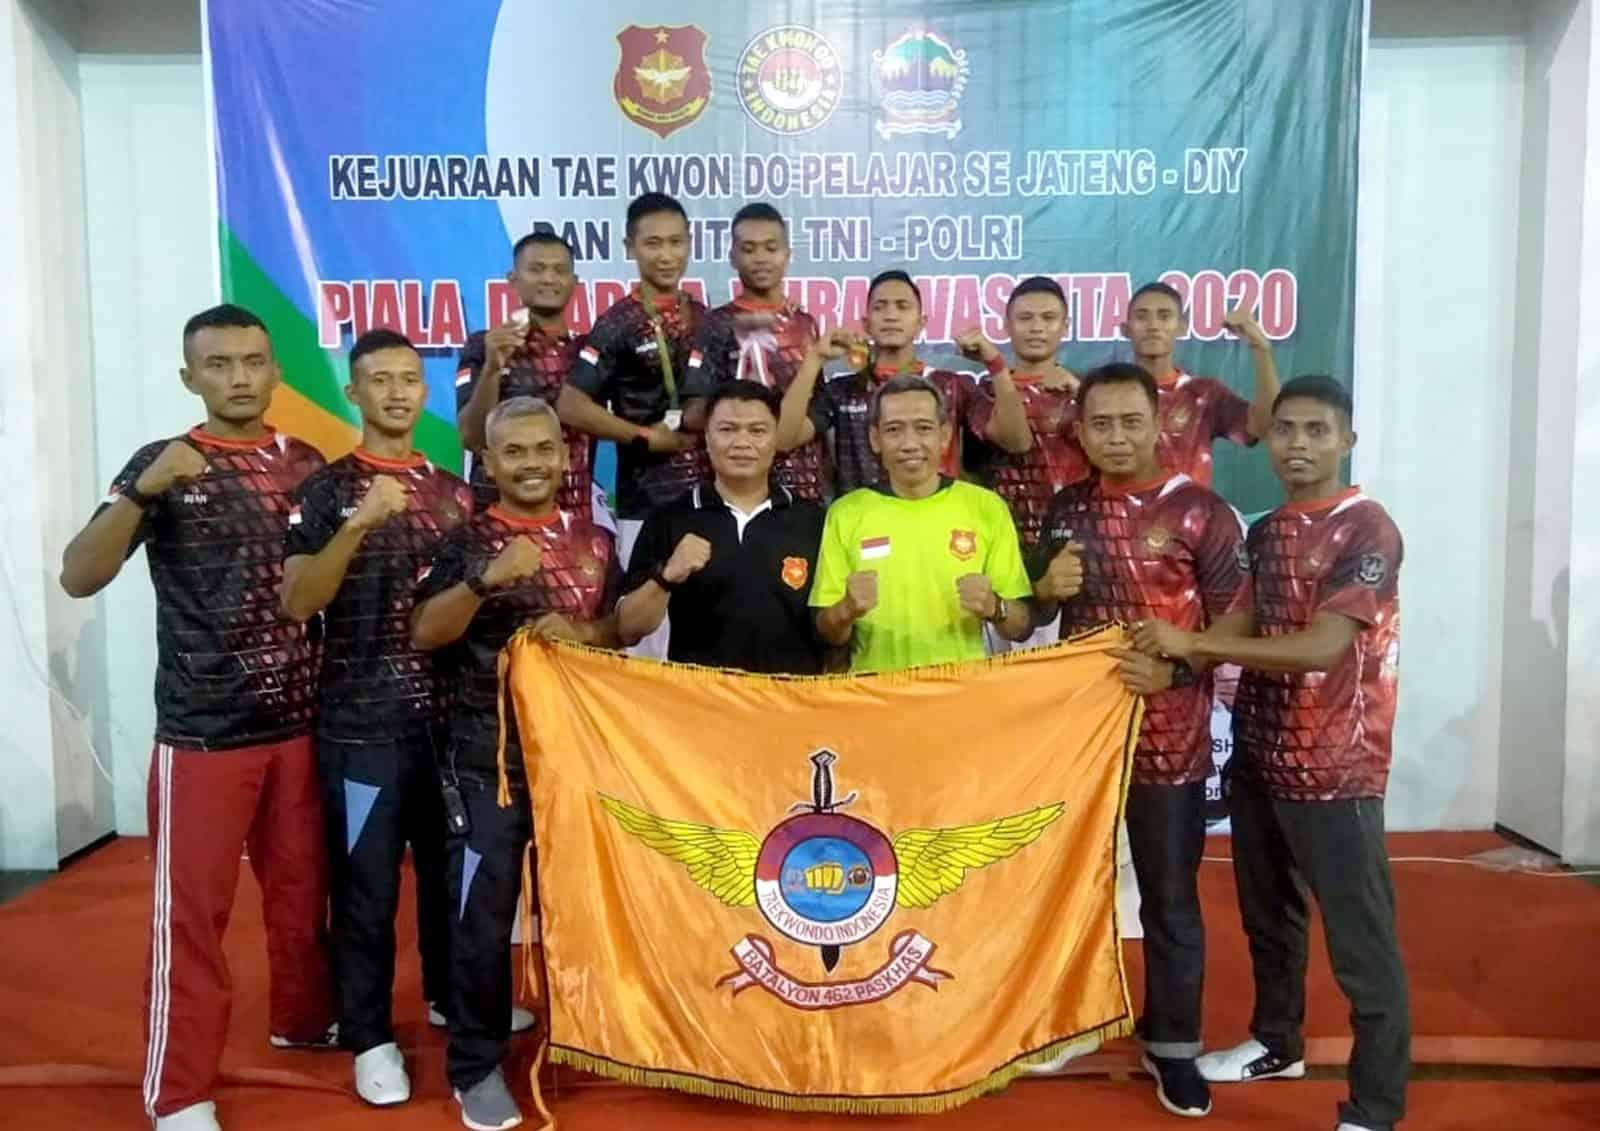 Yonko 462 Paskhas Raih Juara Umum Dua Pada Kejuaraan Taekwondo Pangdam IV/ Diponegoro